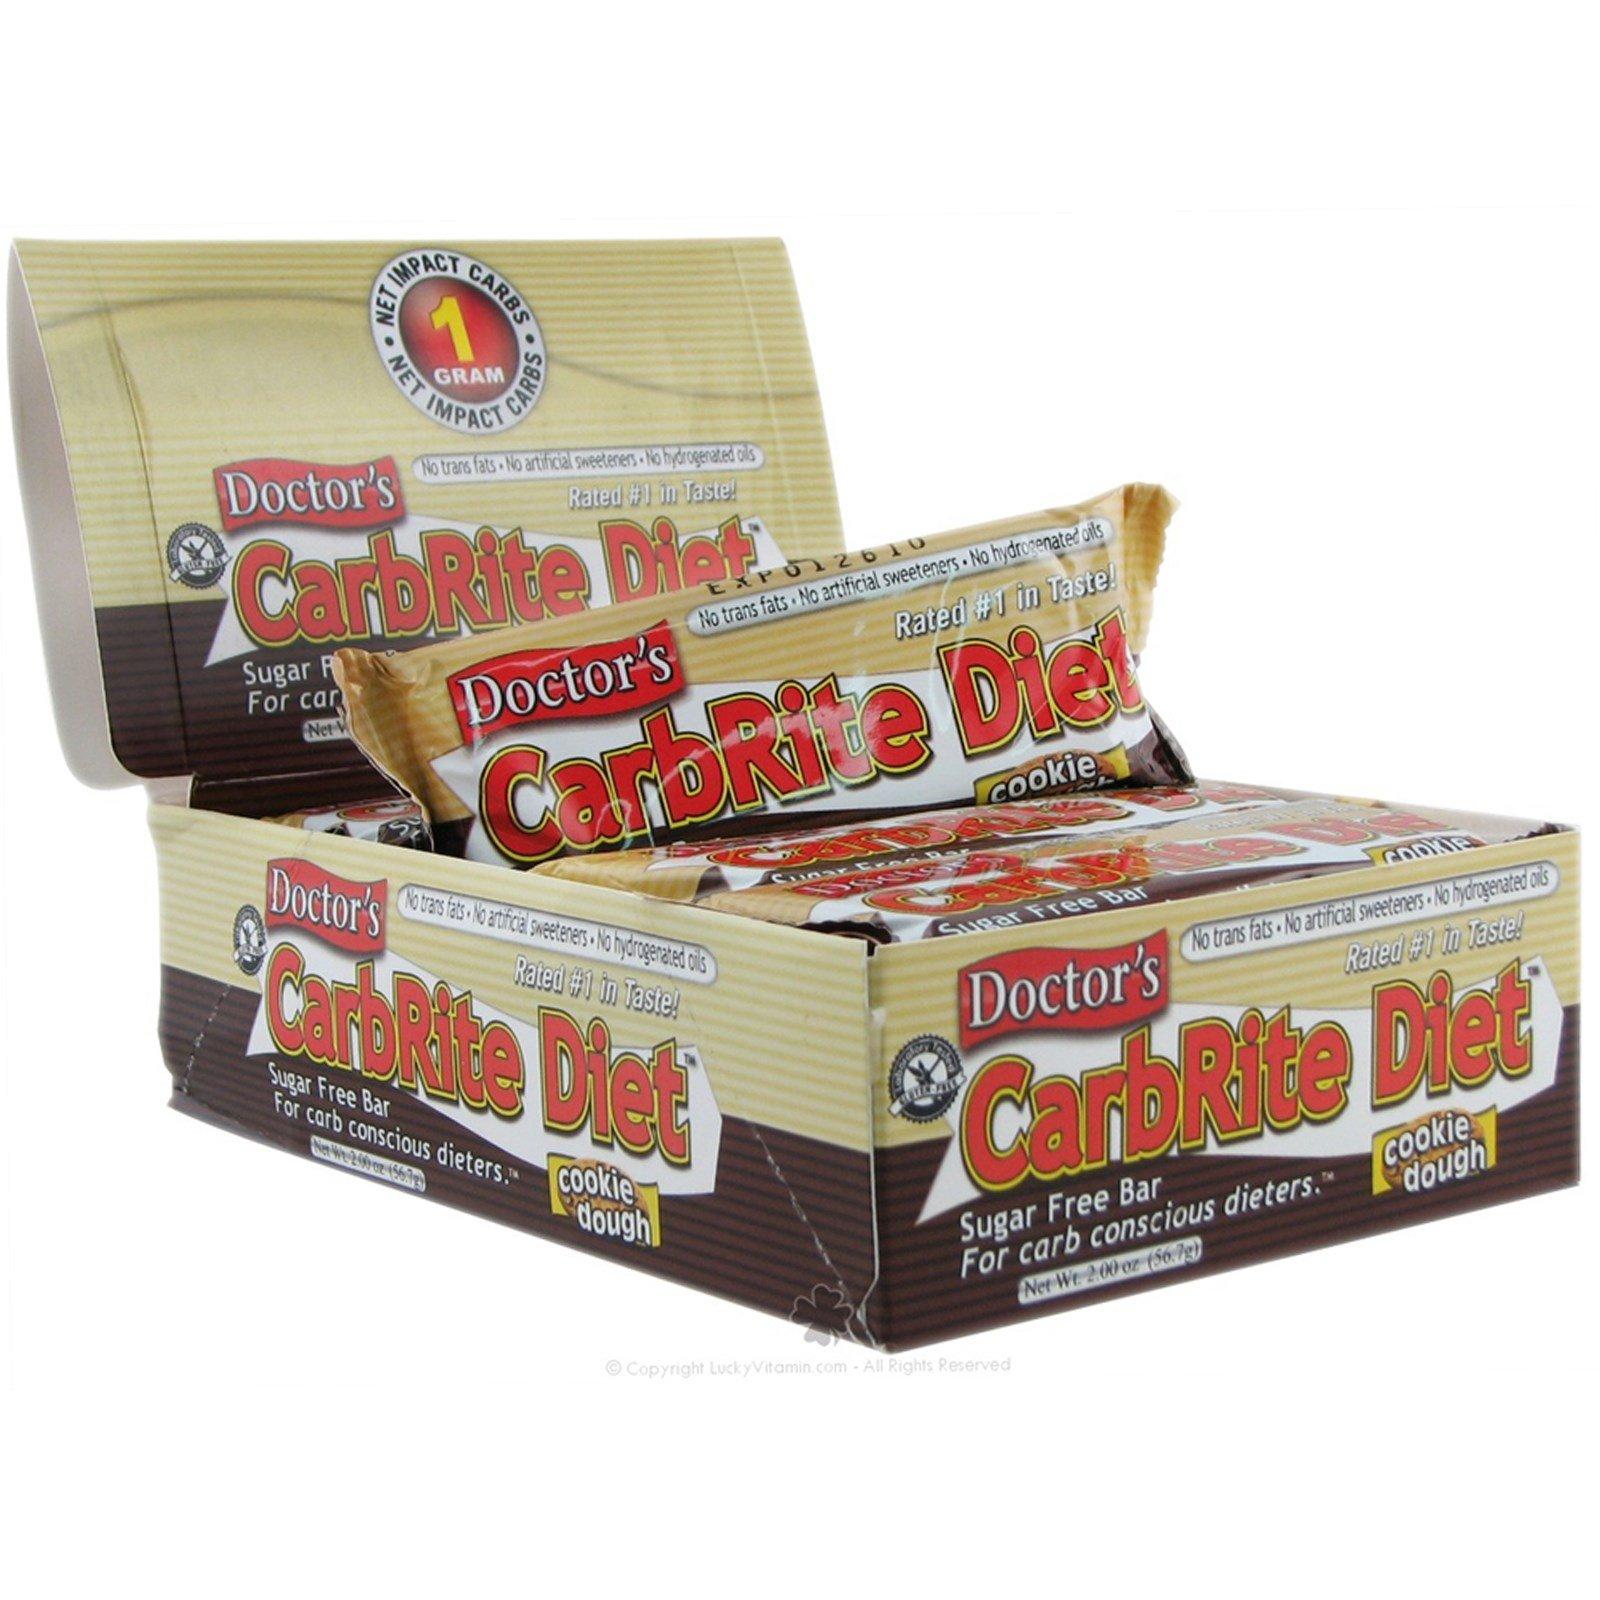 Universal Nutrition, Doctor's CarbRite Diet, Диетические батончики из песочного теста без сахара, 12 батончиков, 2 унции (56,7 г) каждый